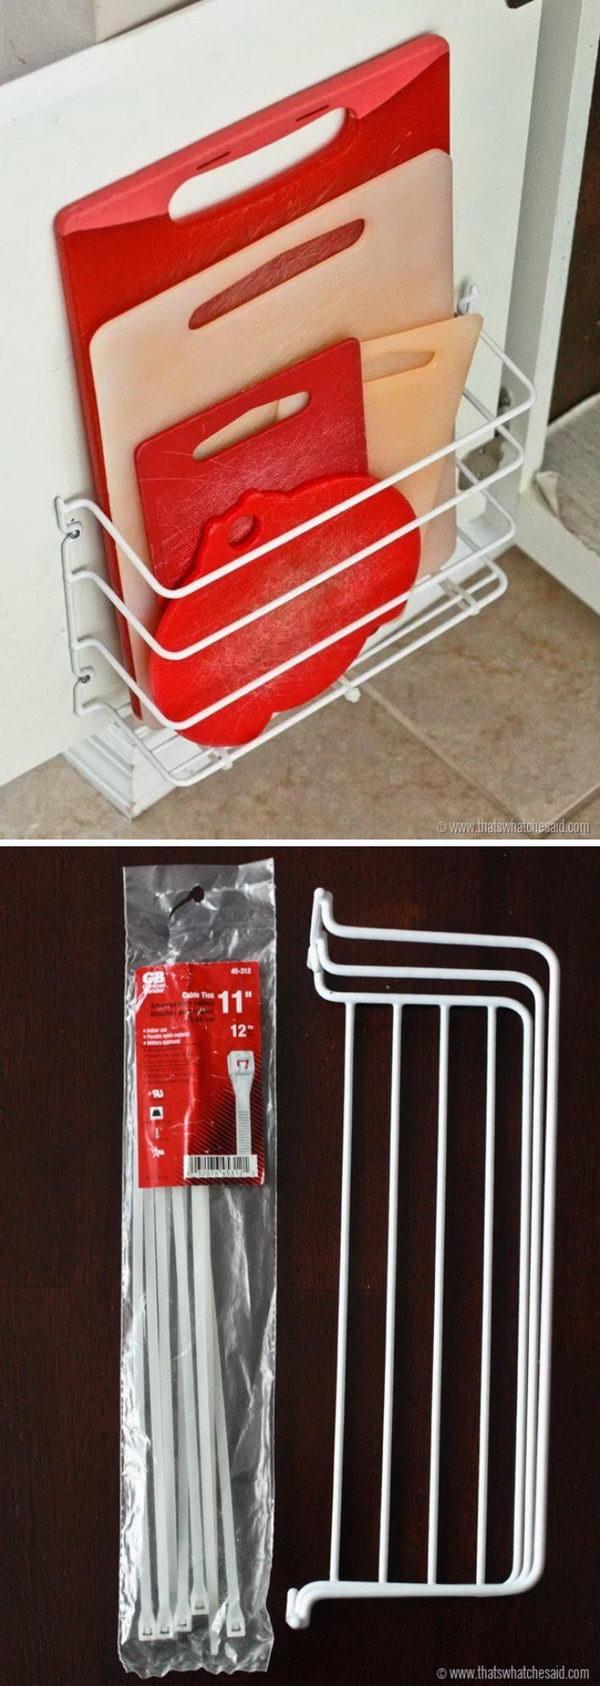 Kitchen Cabinet Door Cutting Boards Holder Organizer.